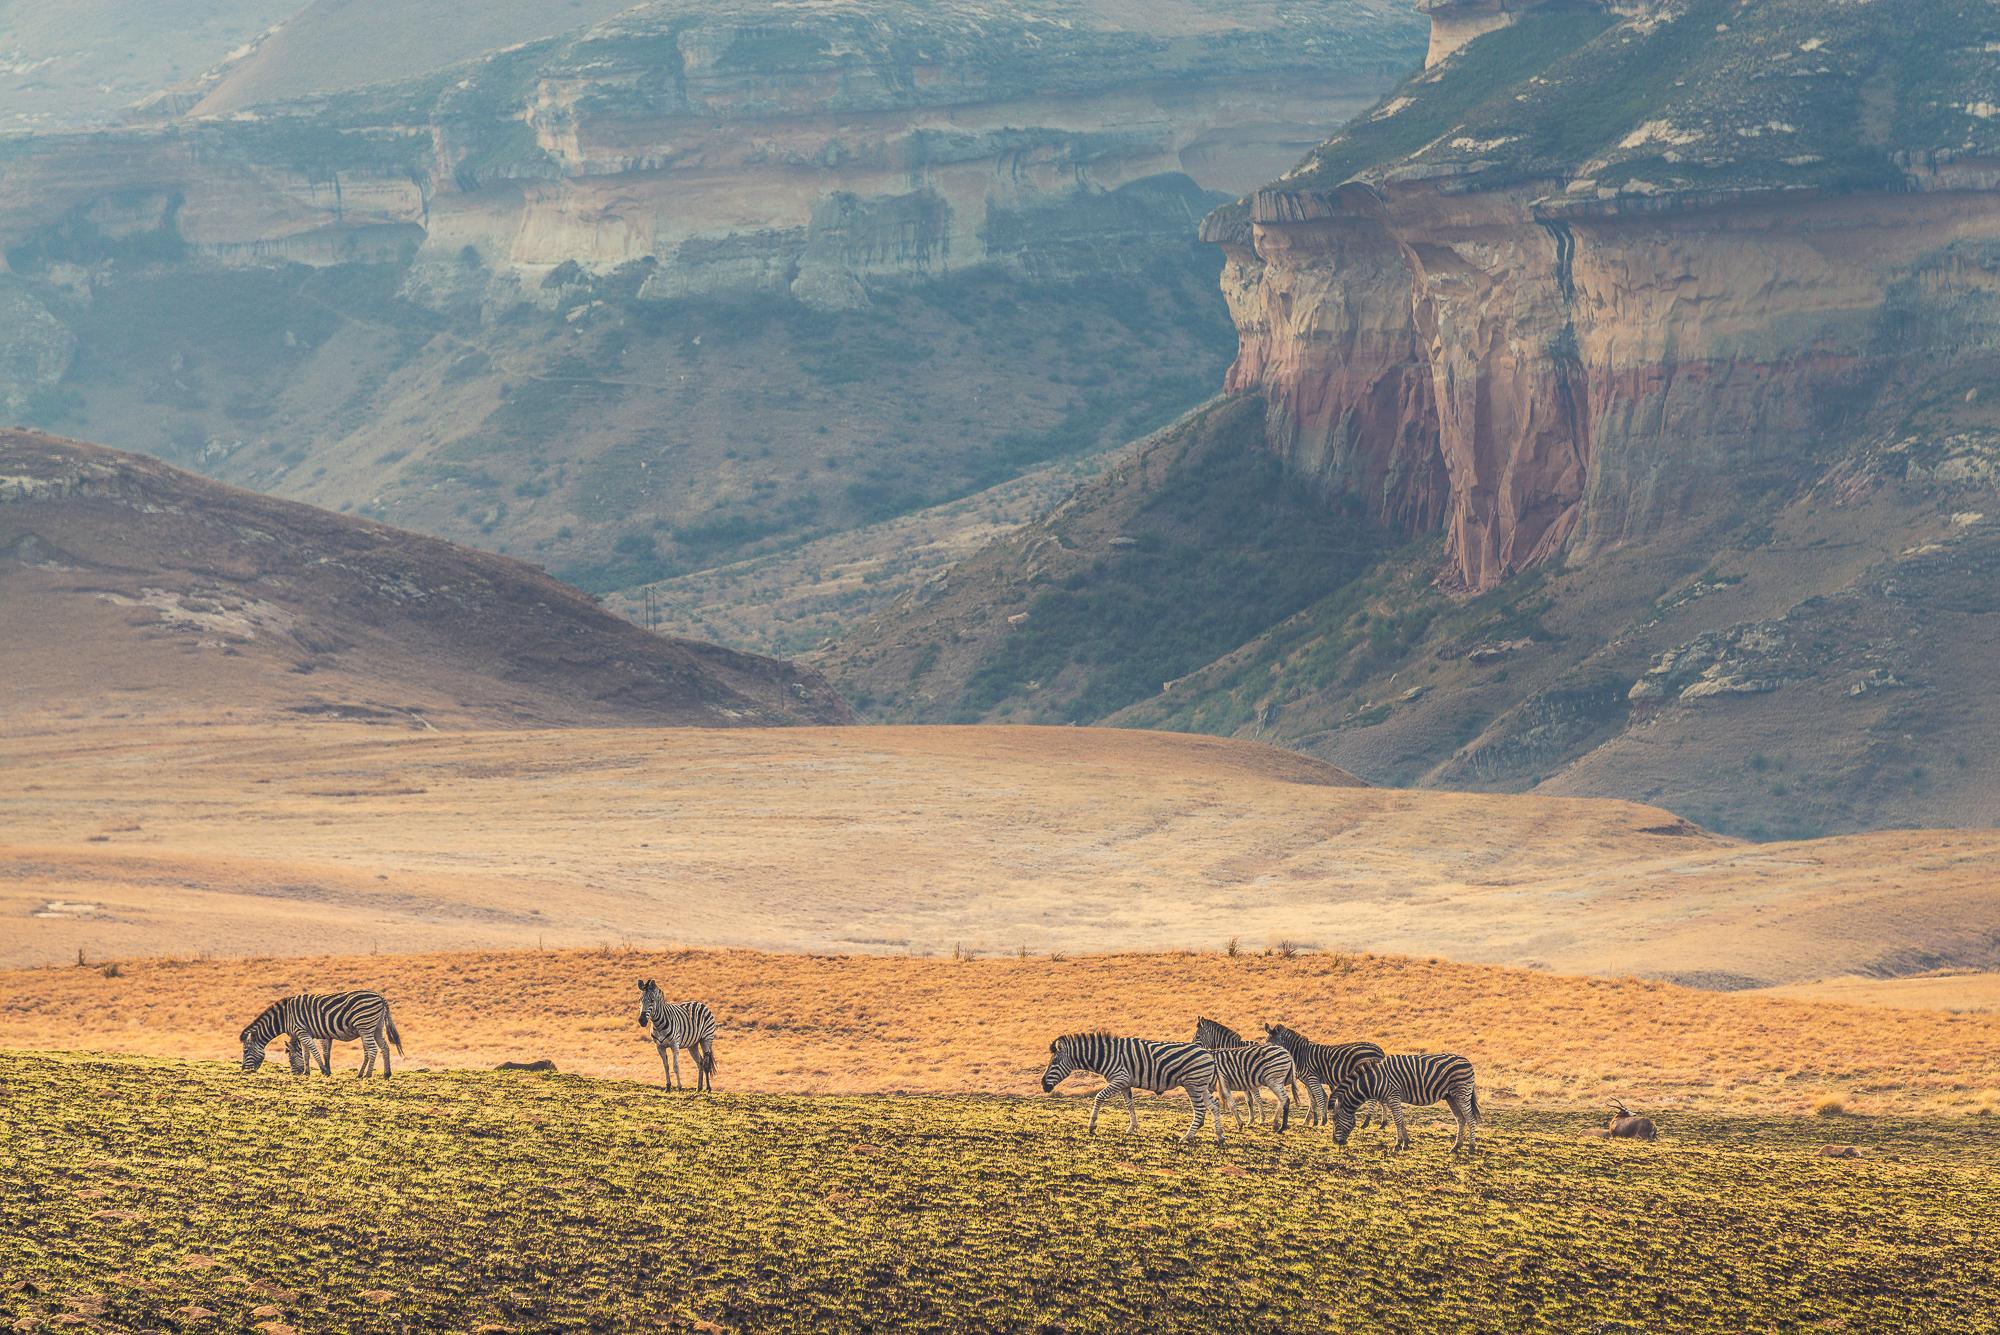 golden-gate-national-park-south-africa_l